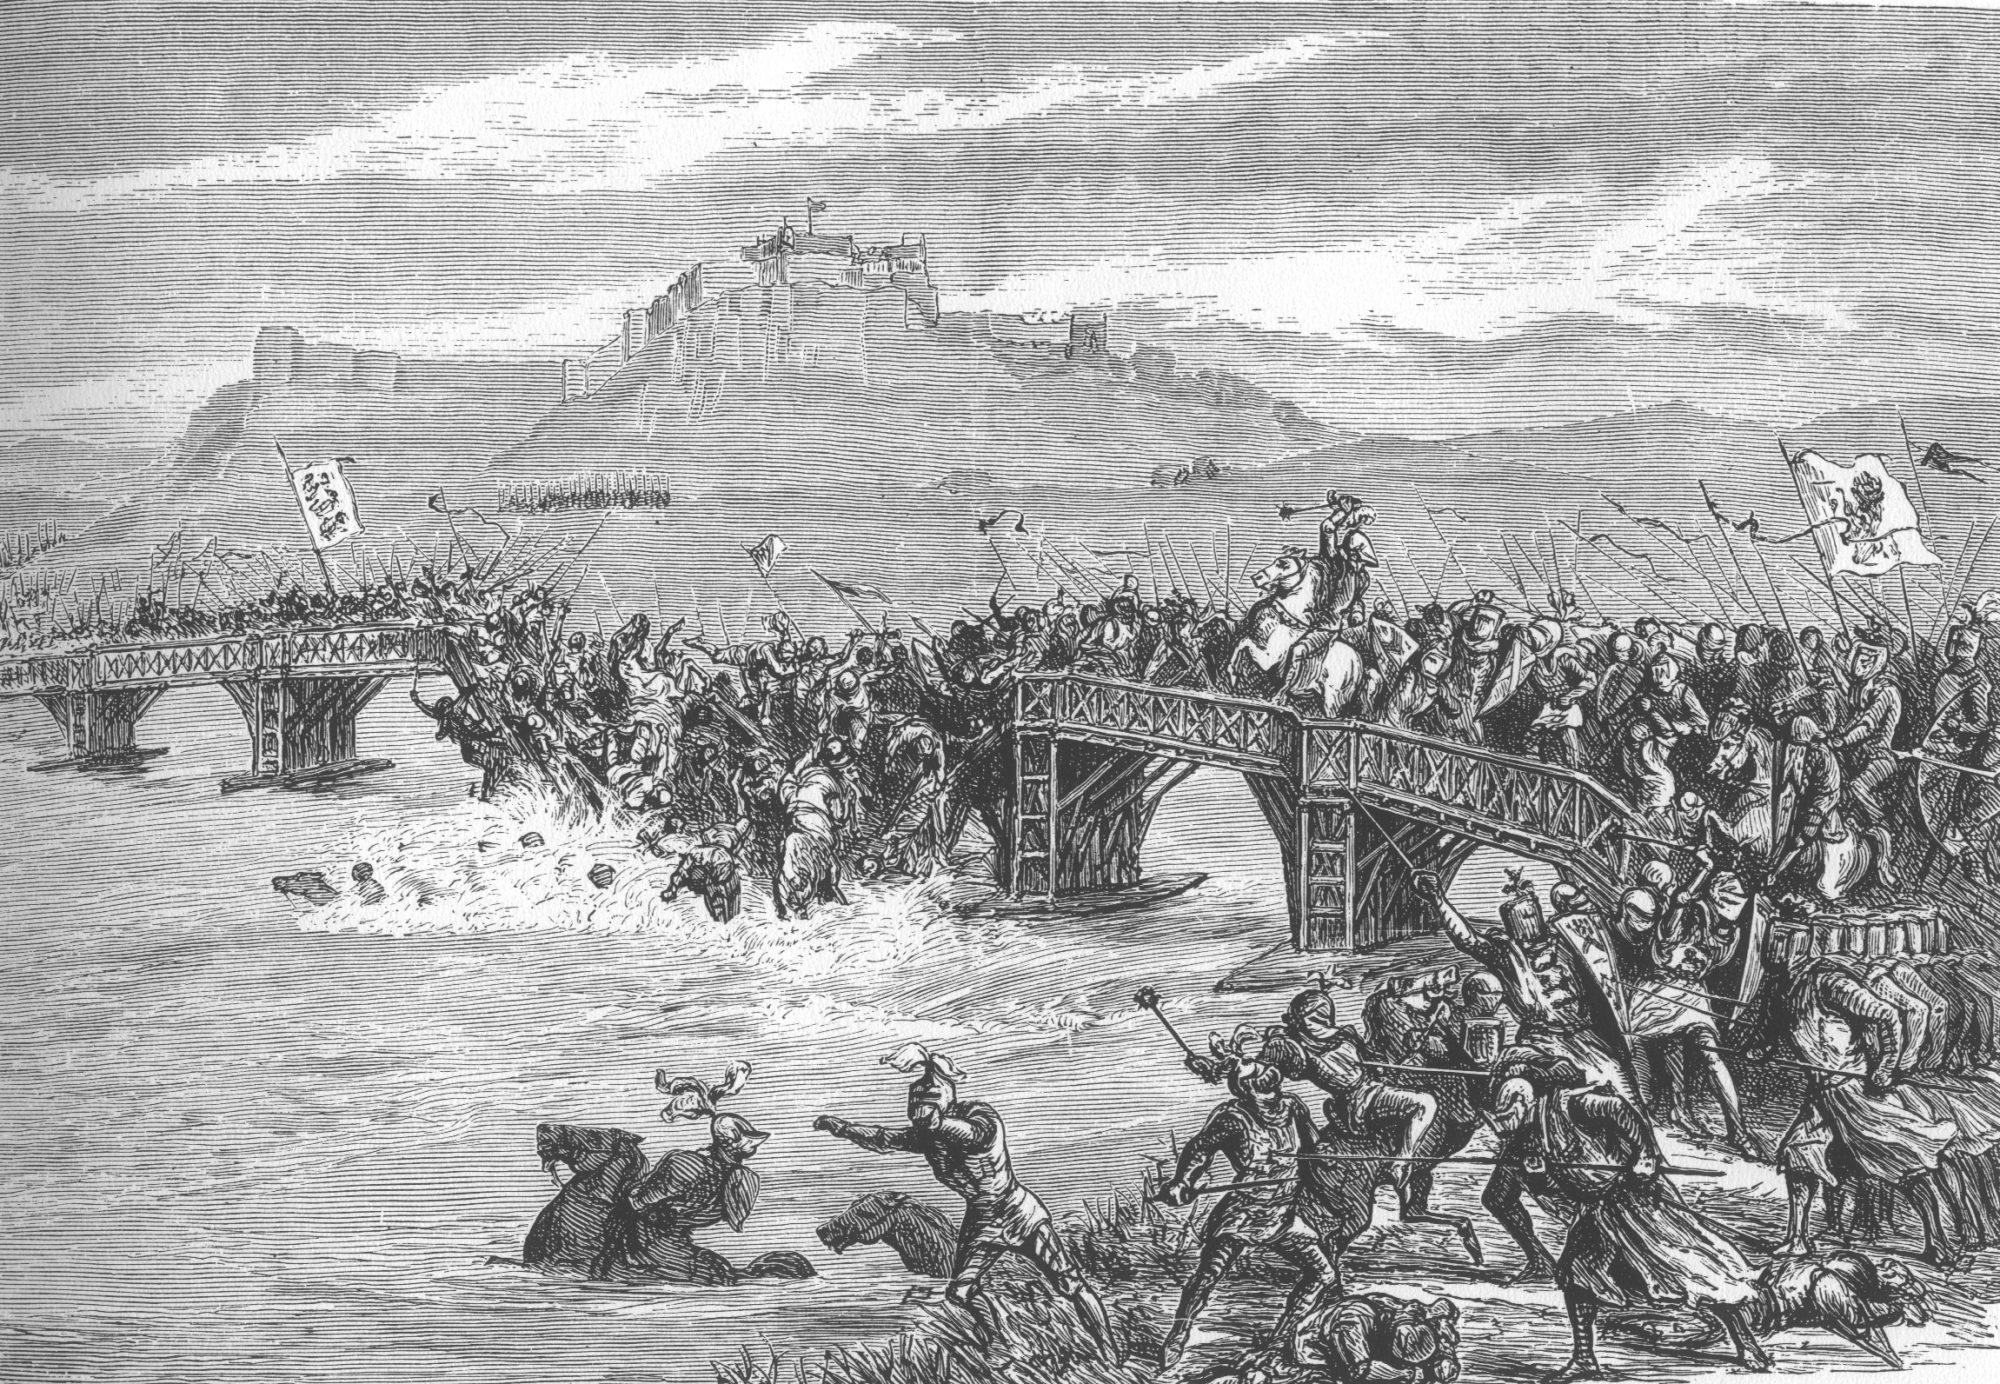 Vue victorienne de la bataille du pont de Stirling